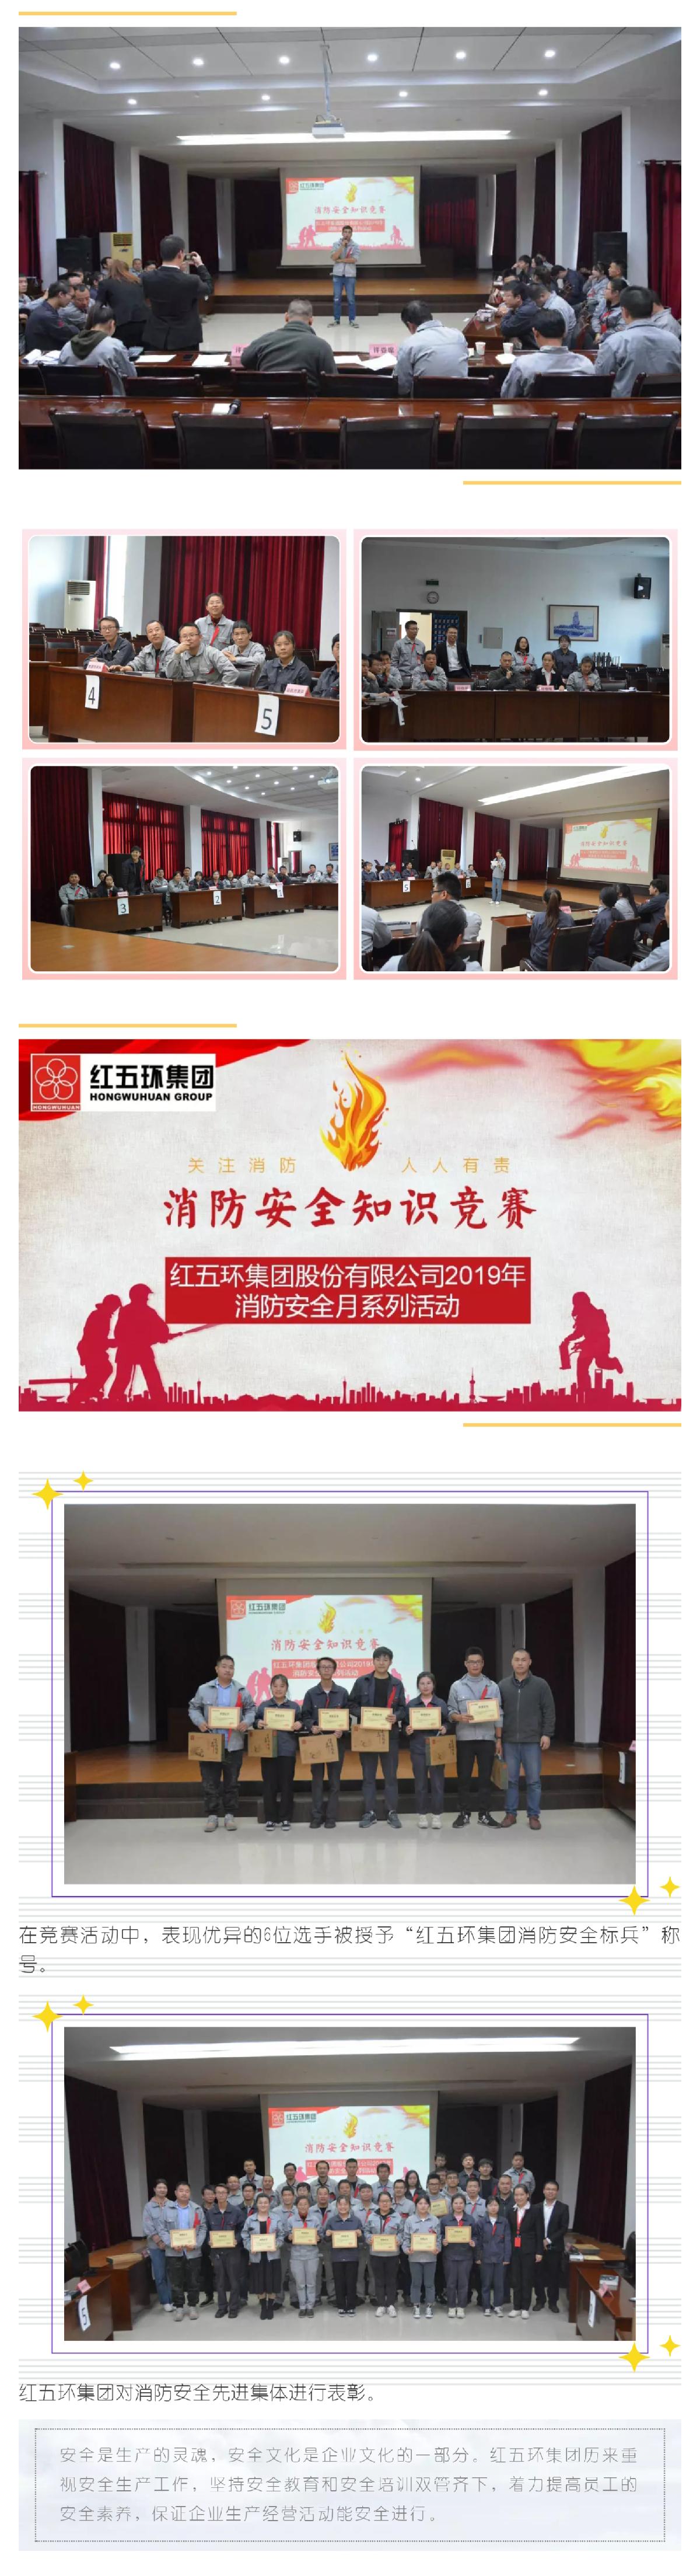 Screenshot_20191220_084834_com.tencent_05